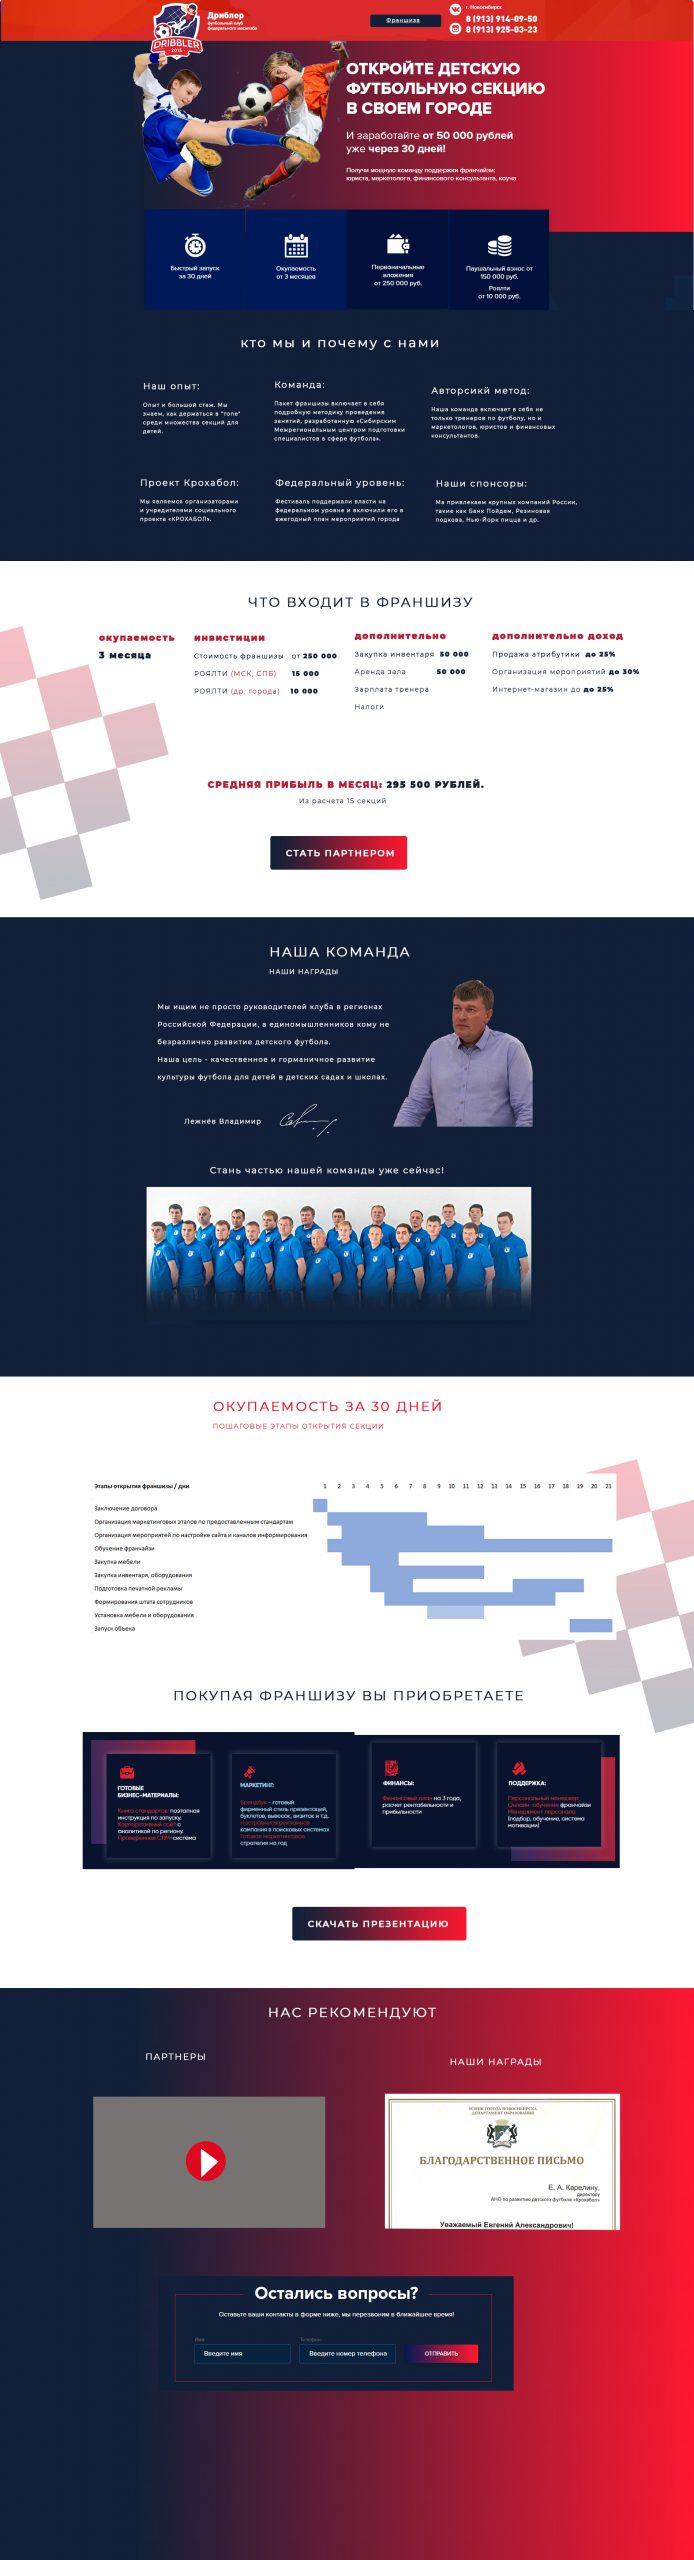 сайт франшиза футбол